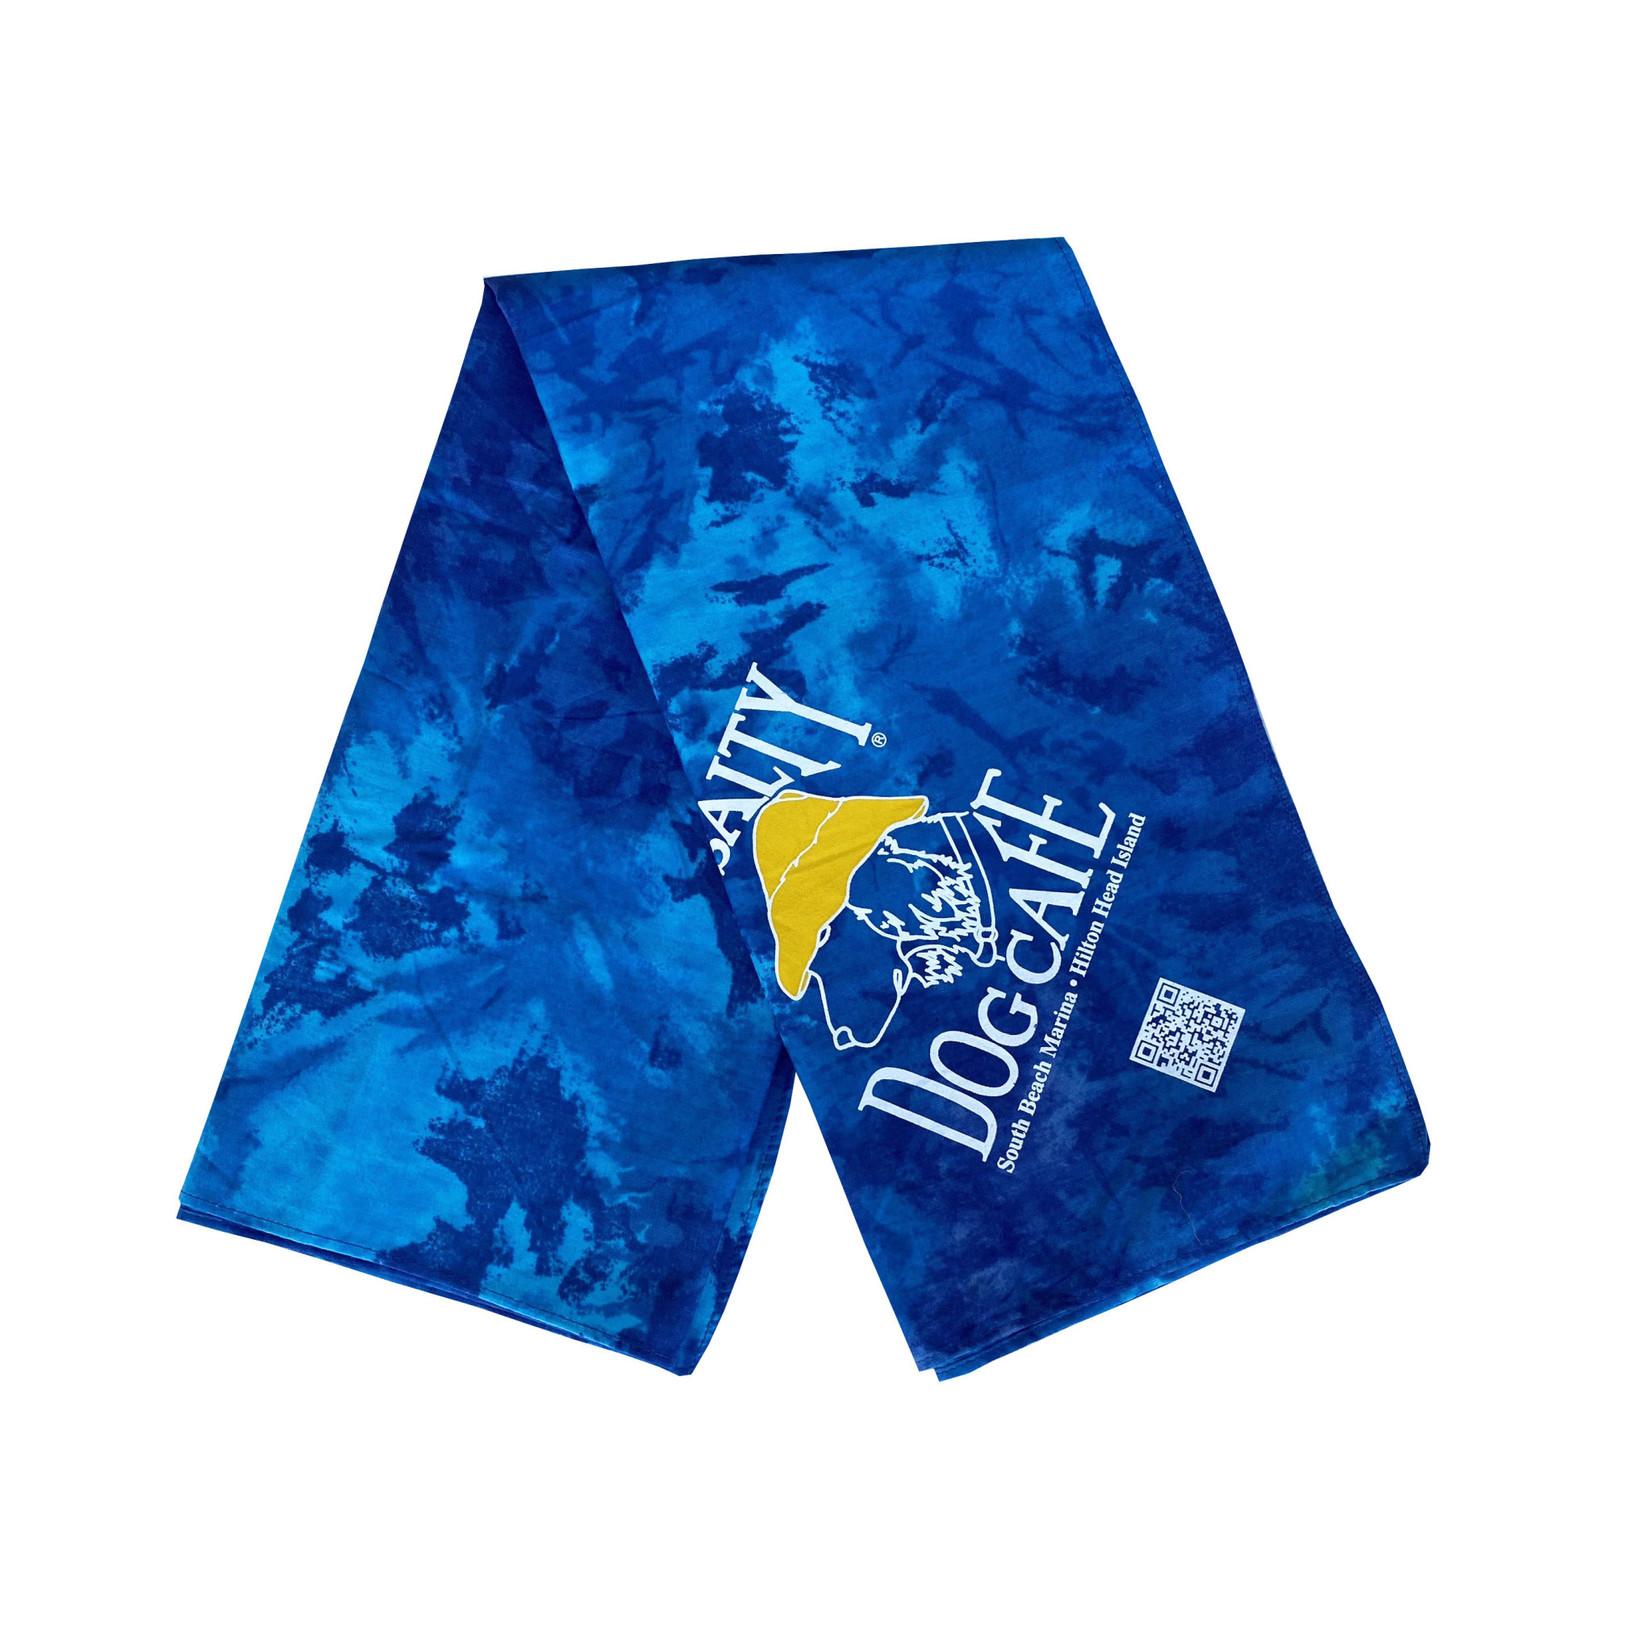 Bandana Blue Tie-Dye